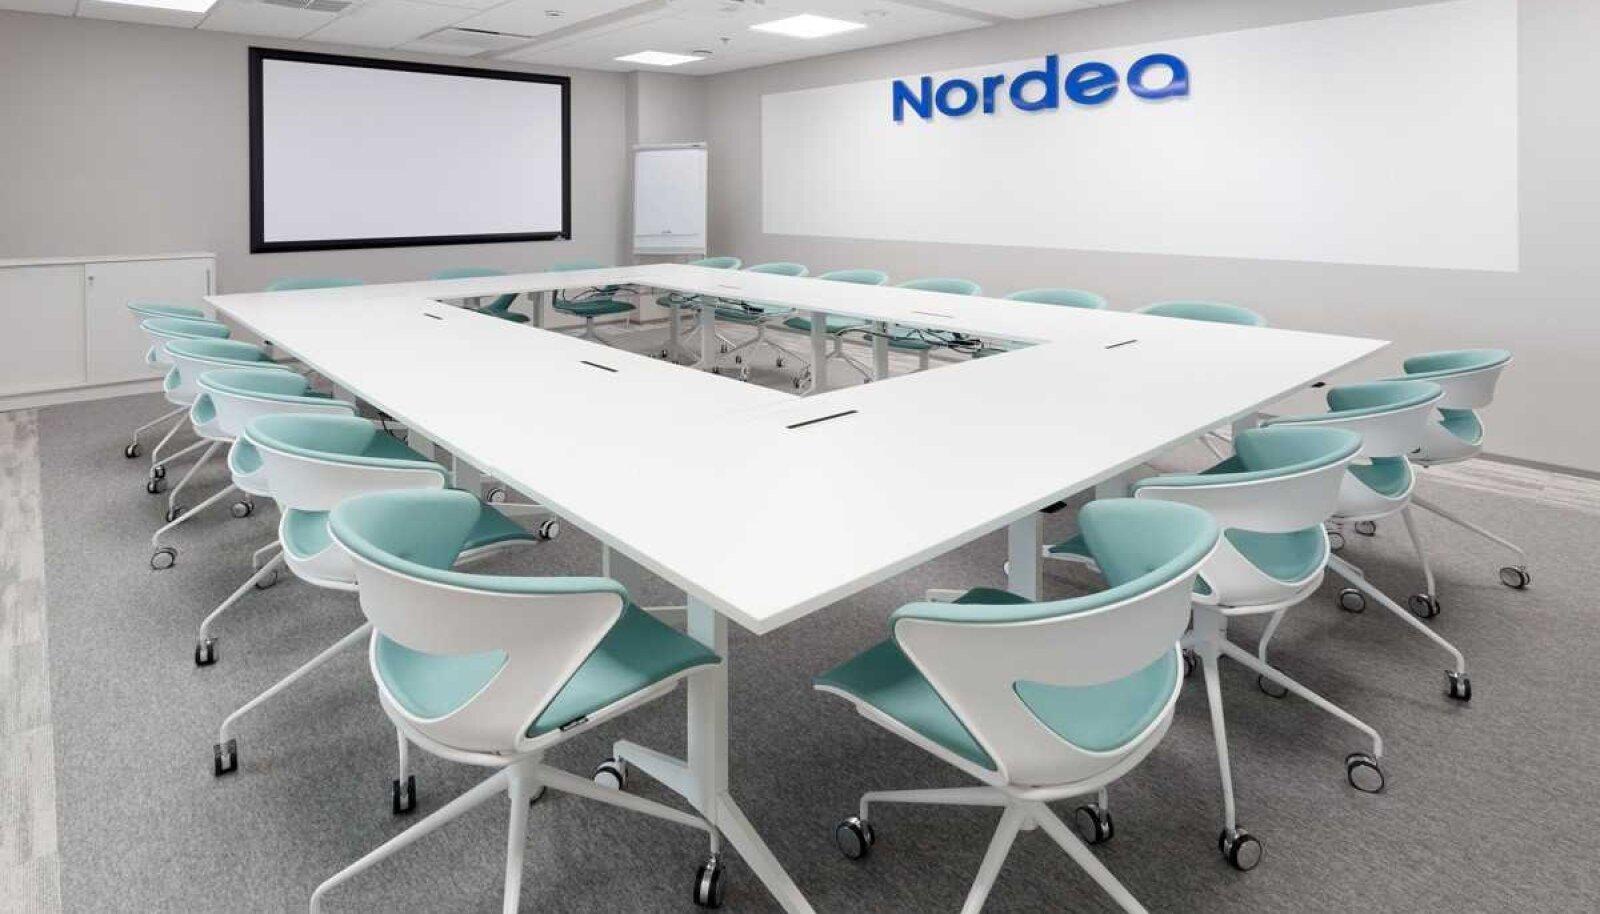 Nordea Eesti uus teenuskeskus